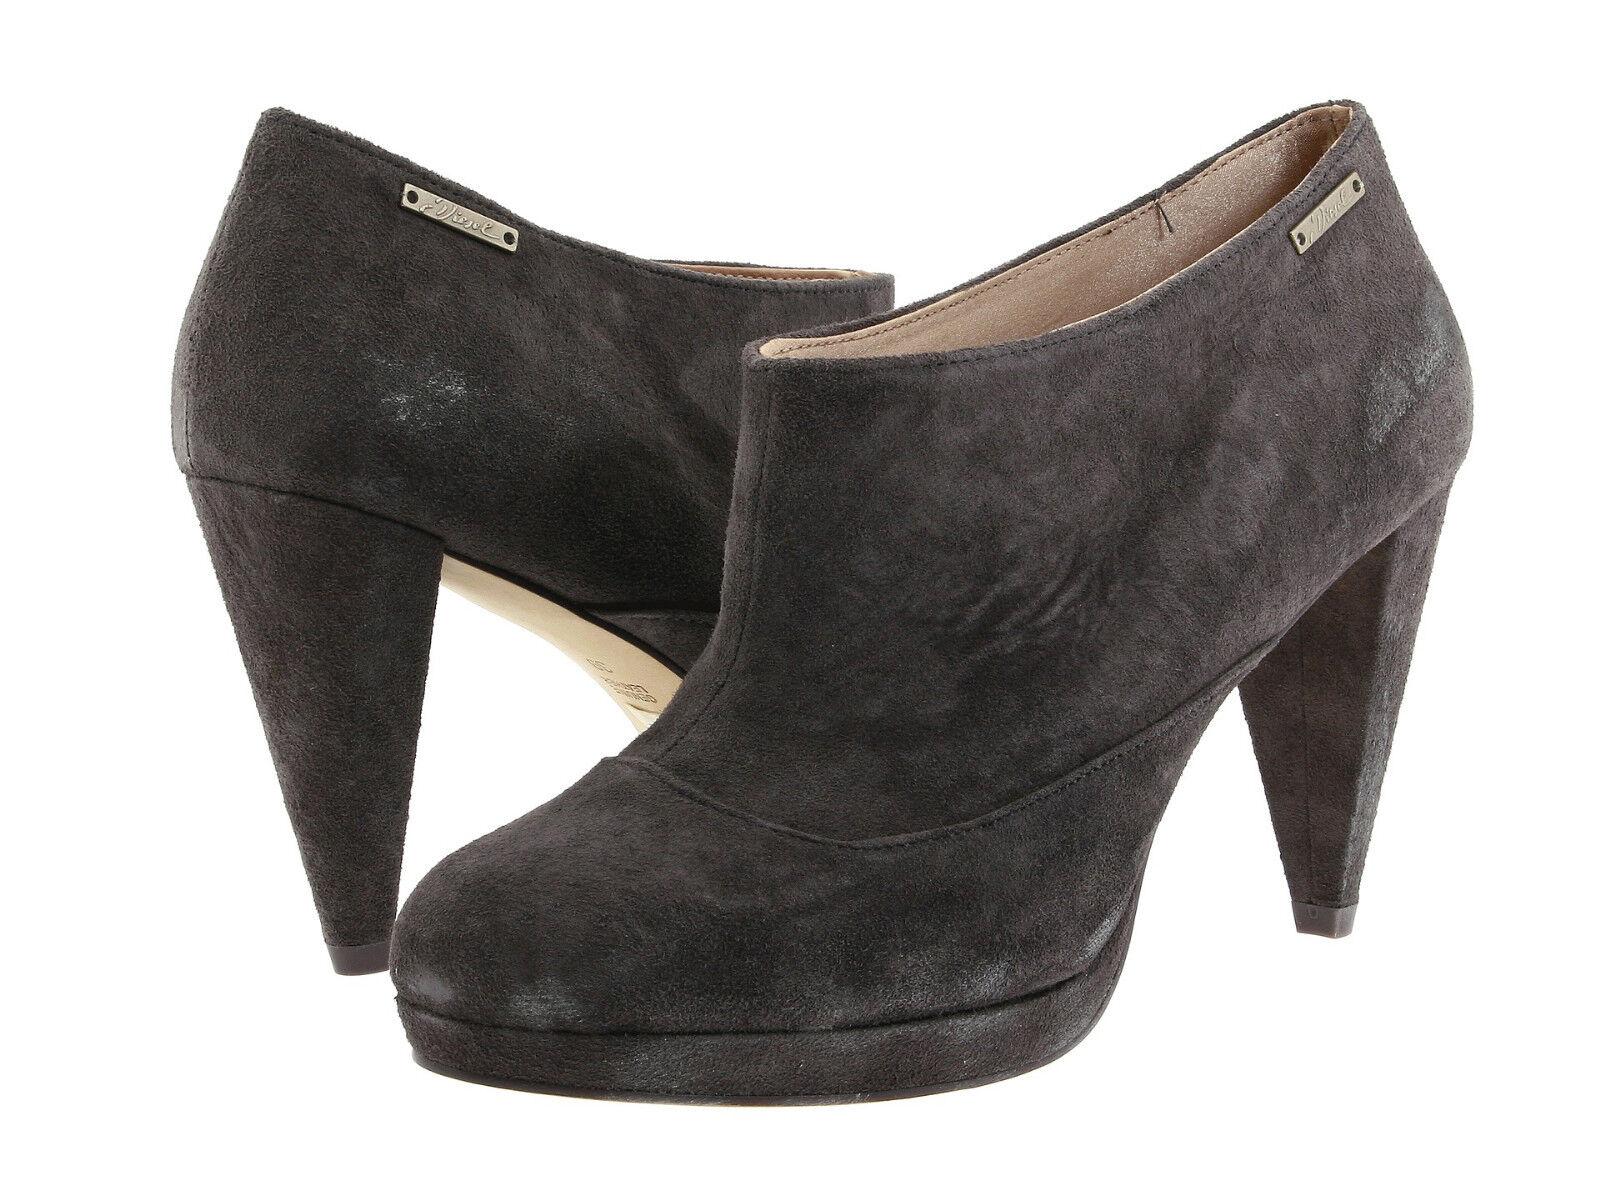 NIB  200 DIESEL® Diesel High High High Voltage - Dessy Leather Casual Fashion Heels schuhe bb22ea